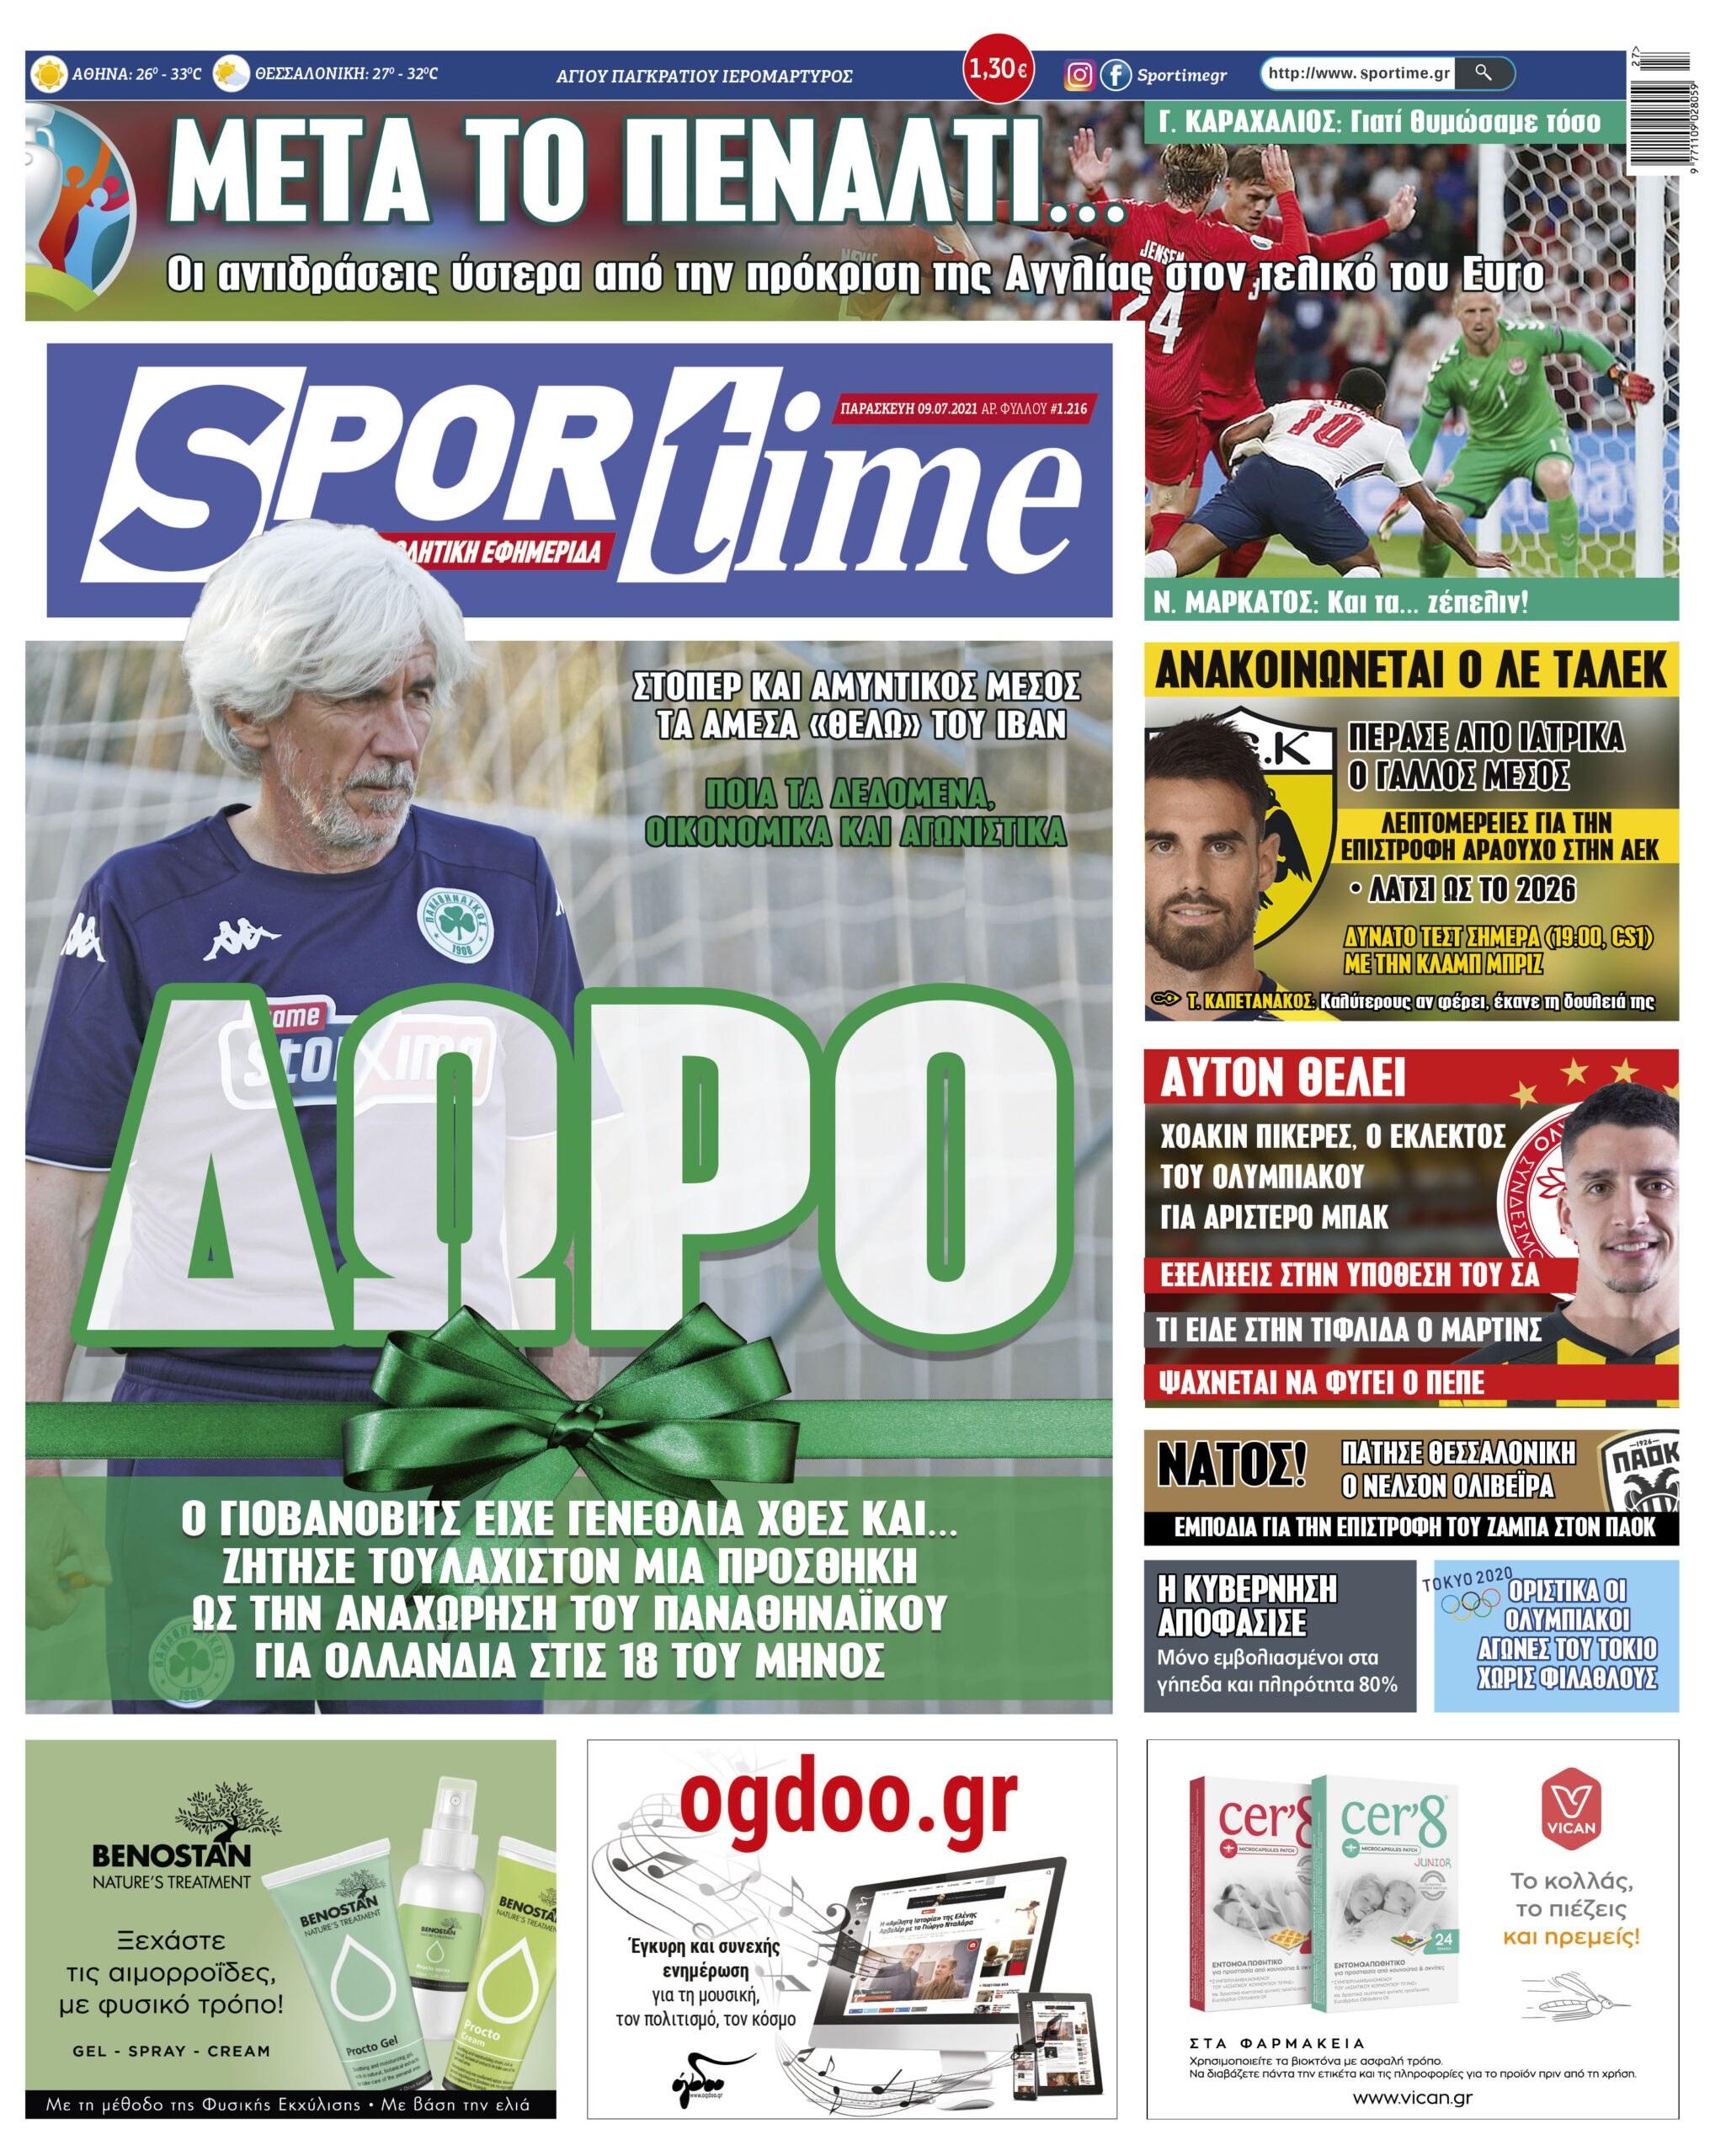 Εφημερίδα SPORTIME - Εξώφυλλο φύλλου 9/7/2021